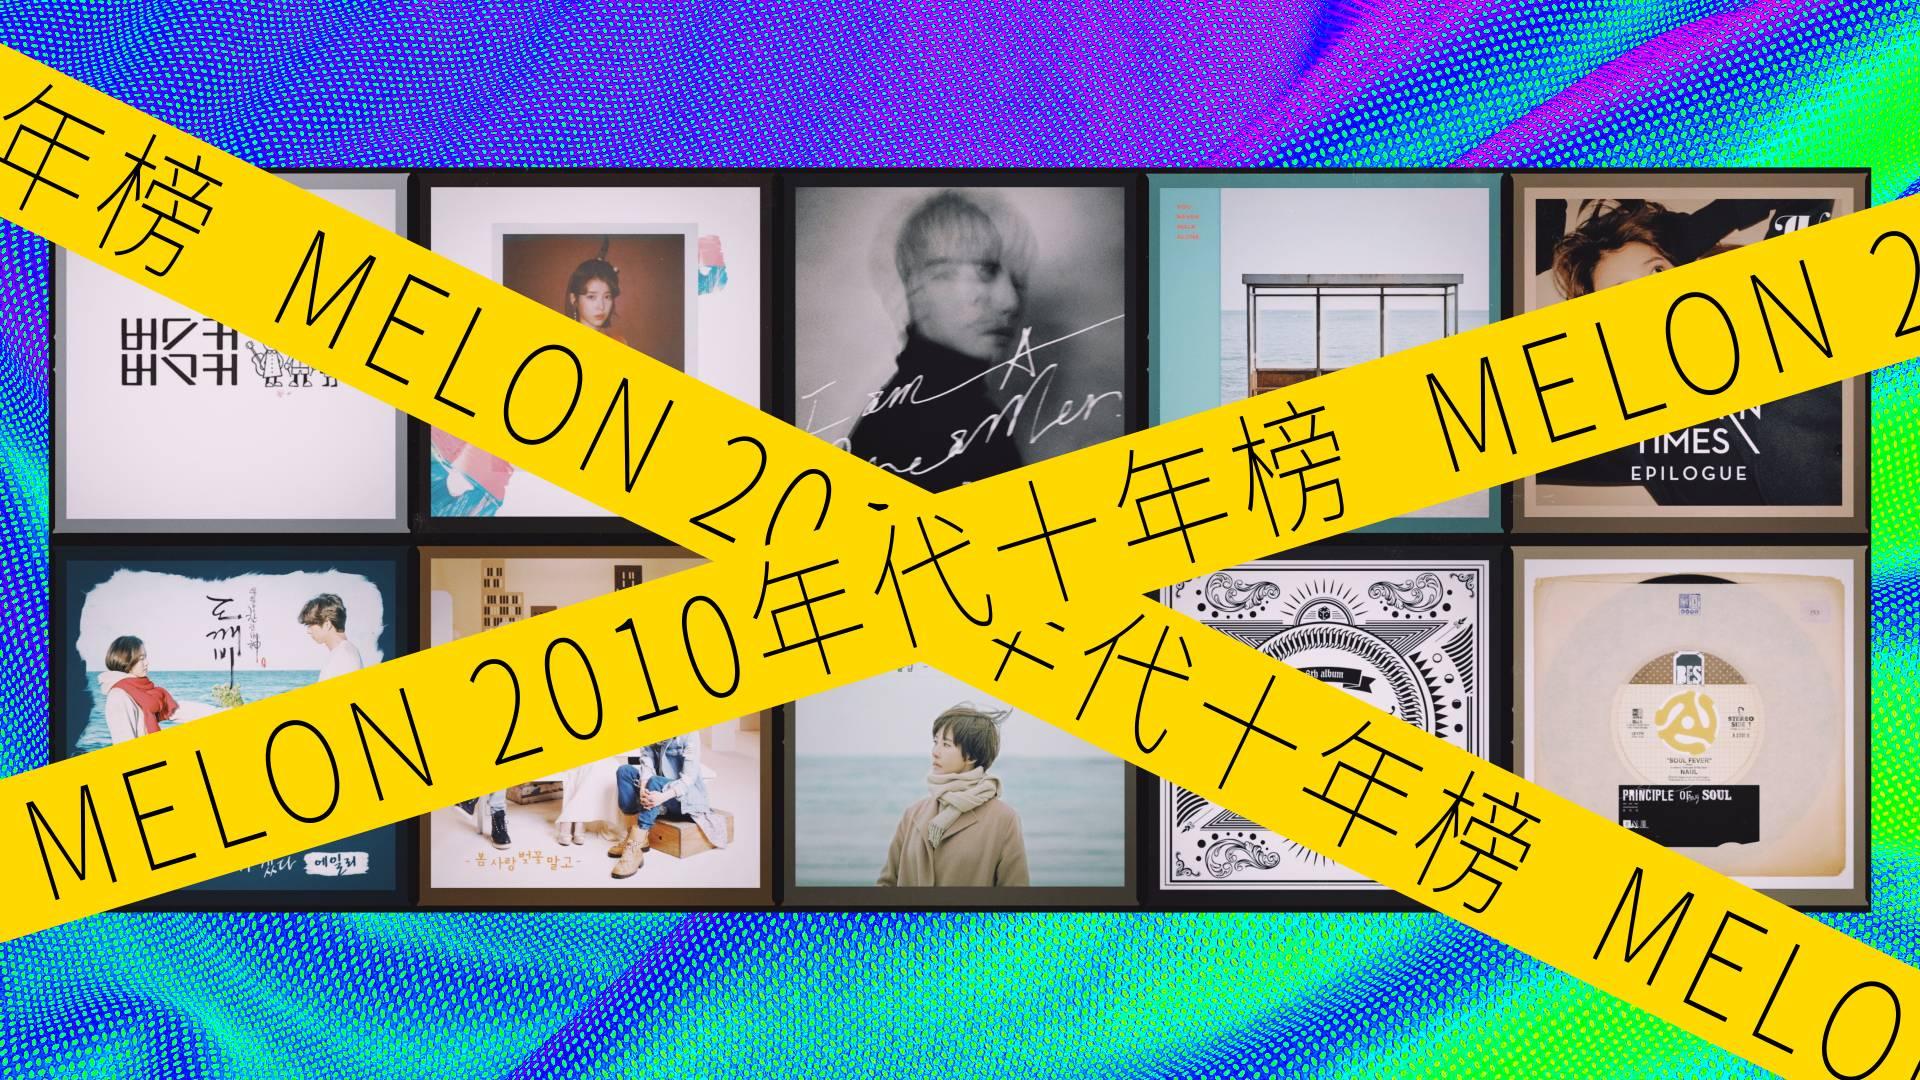 【回忆珍藏】Melon 2010年代十年榜 TOP100